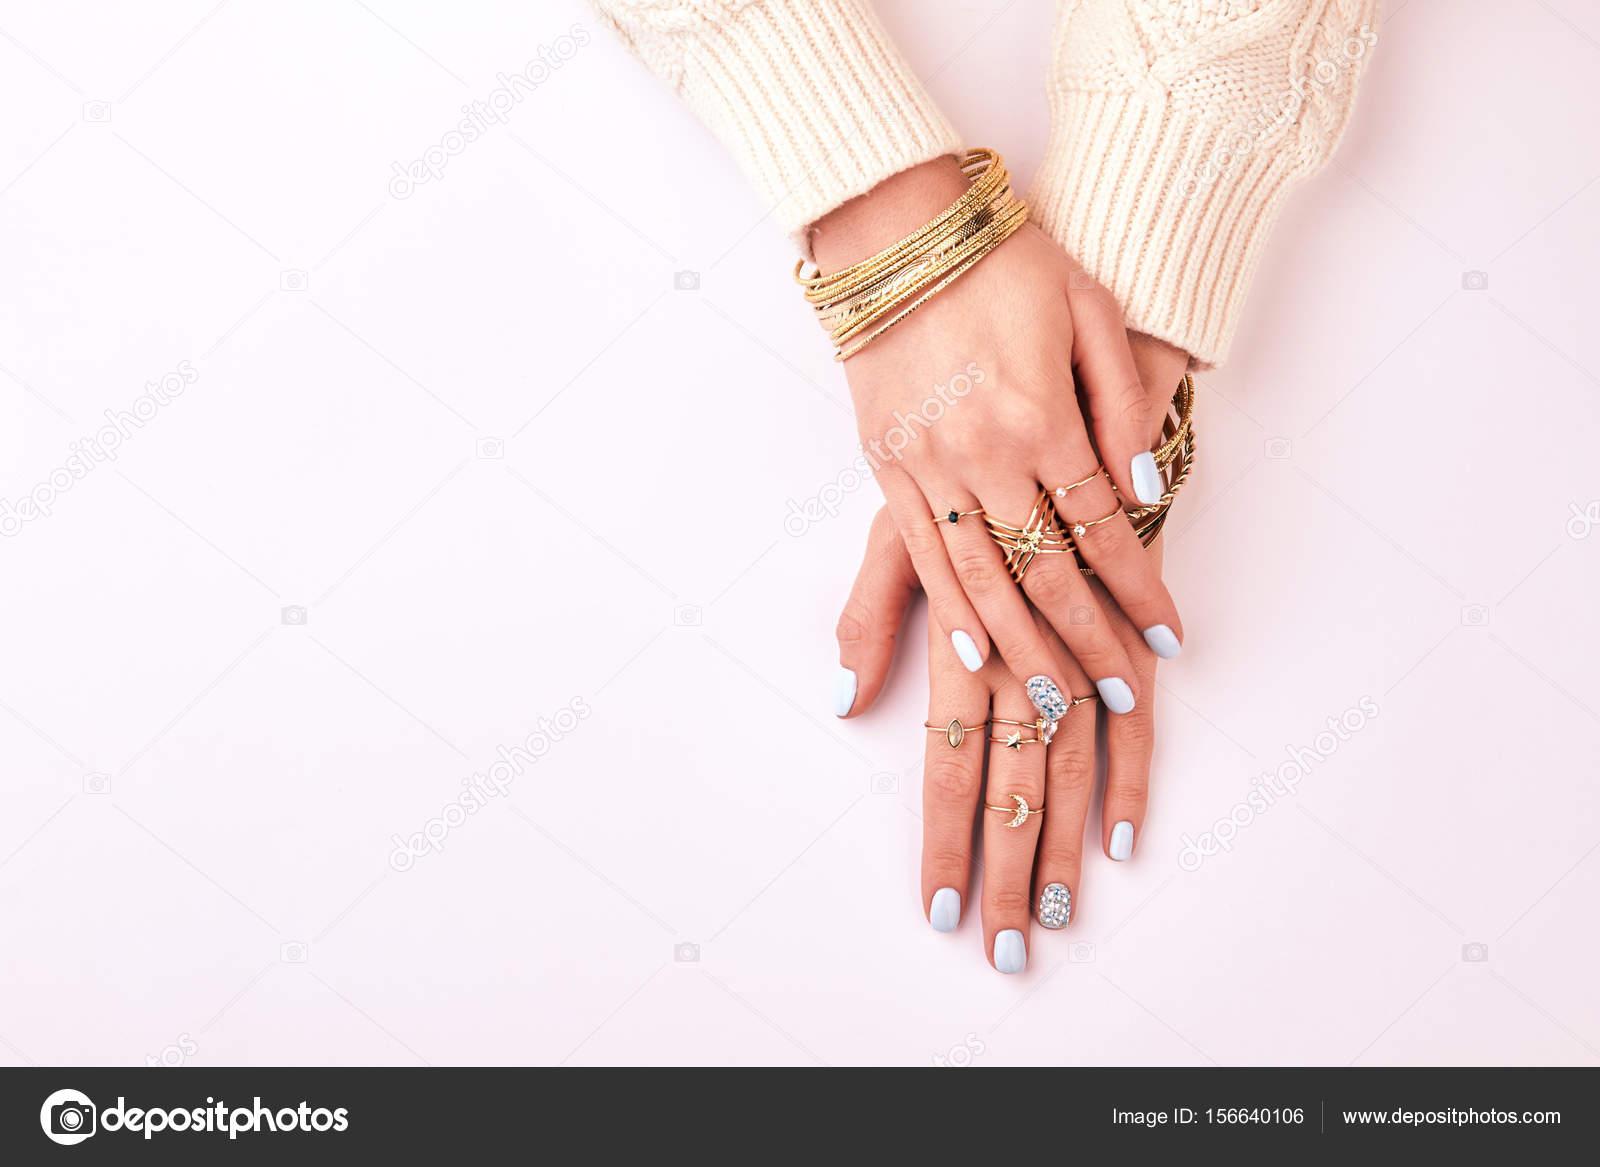 Γυναικεία χέρια σε δαχτυλίδια και βραχιόλια σε λευκό φόντο– εικόνα αρχείου 6e12491ad5a